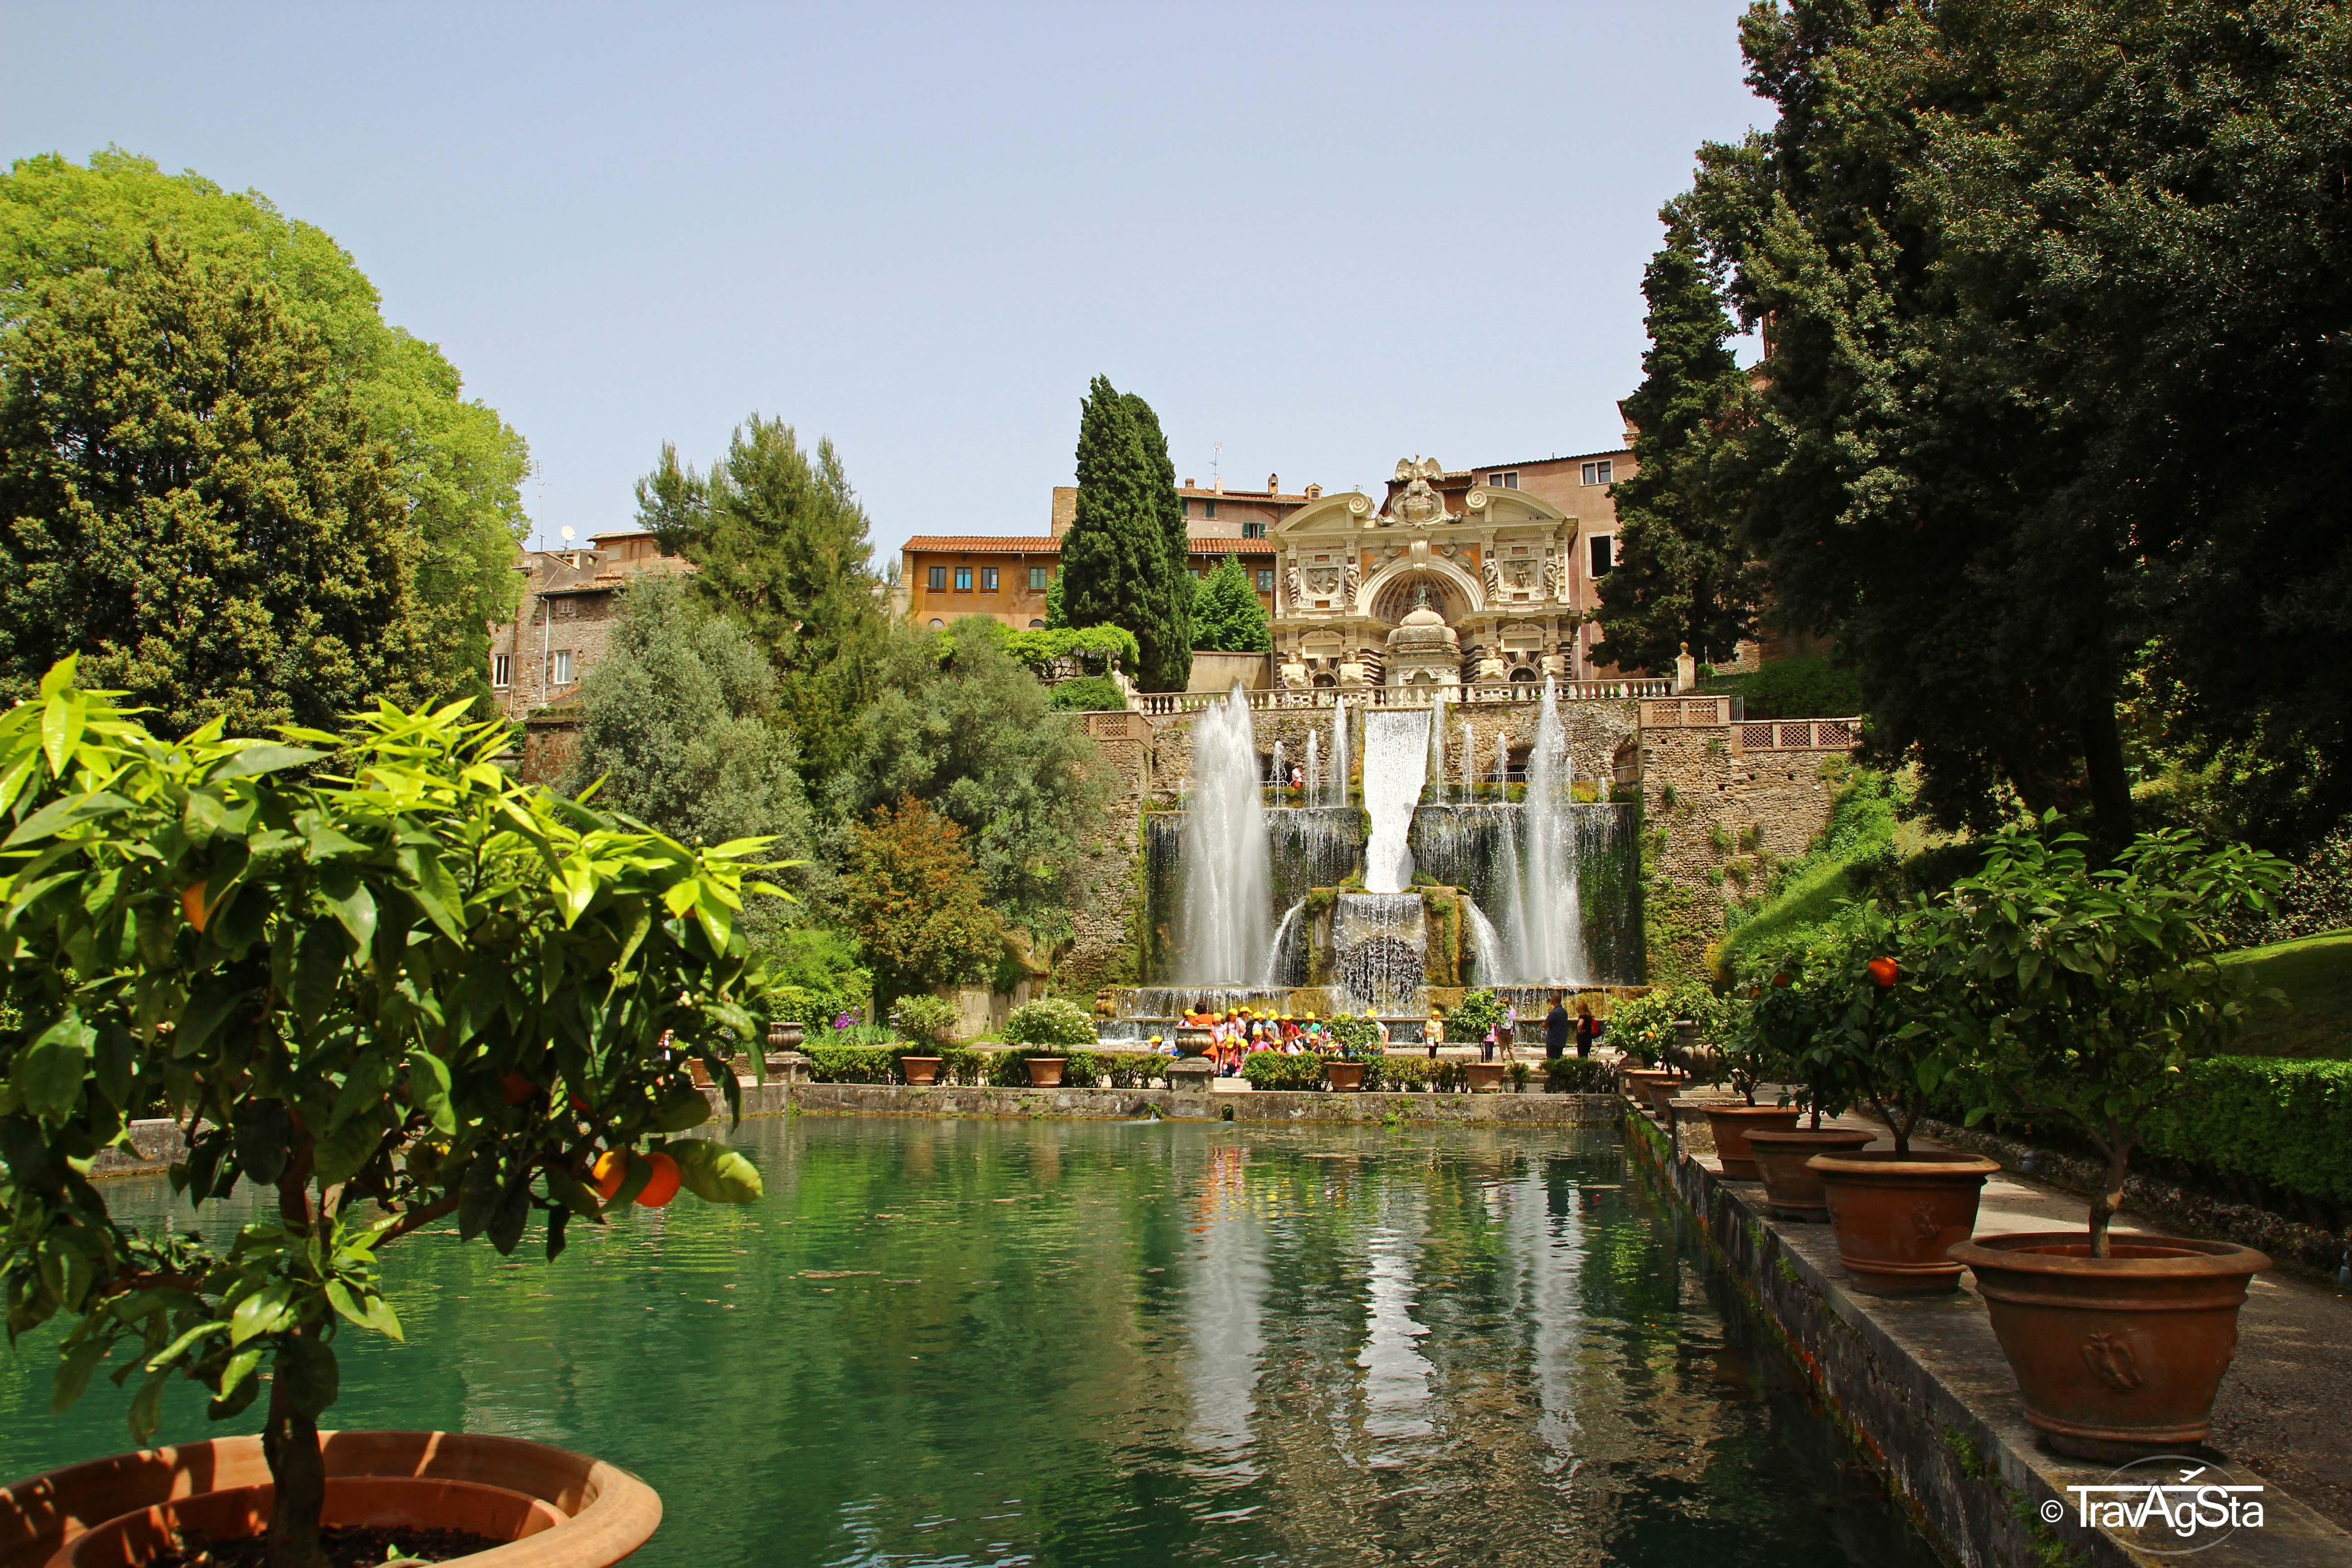 Lovely Villa d'Este!